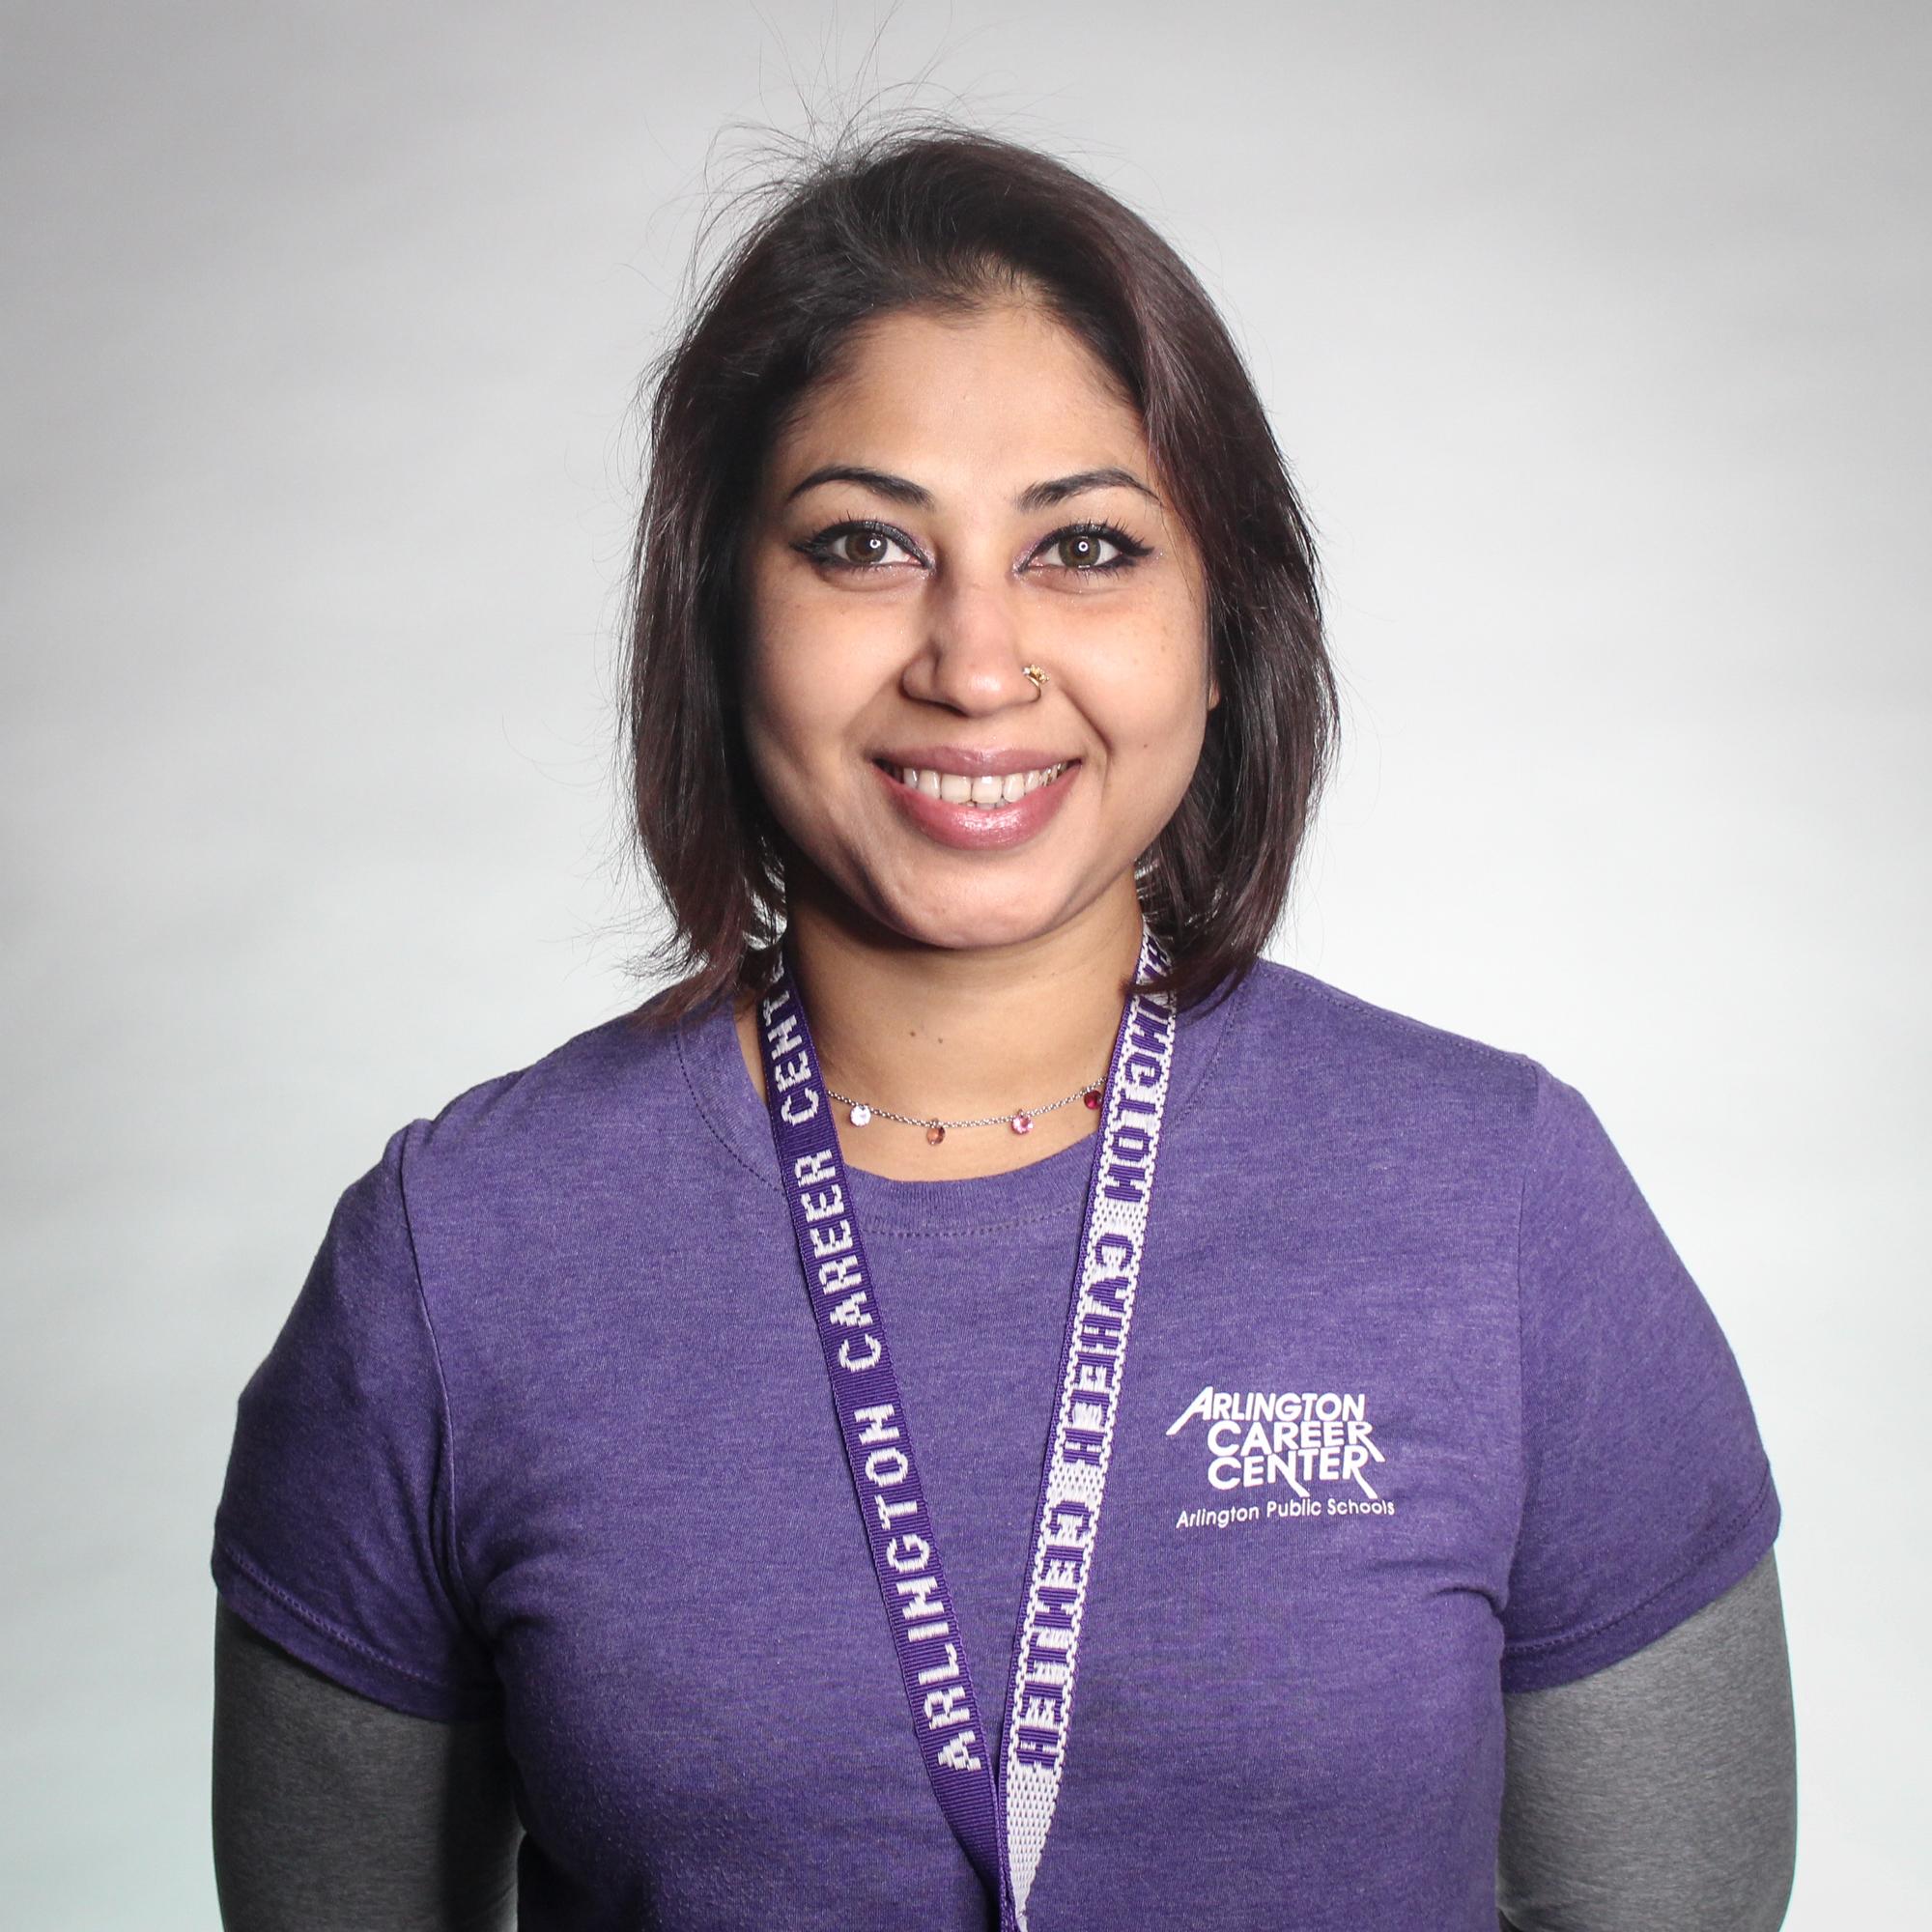 Ms. Tarana Aktar